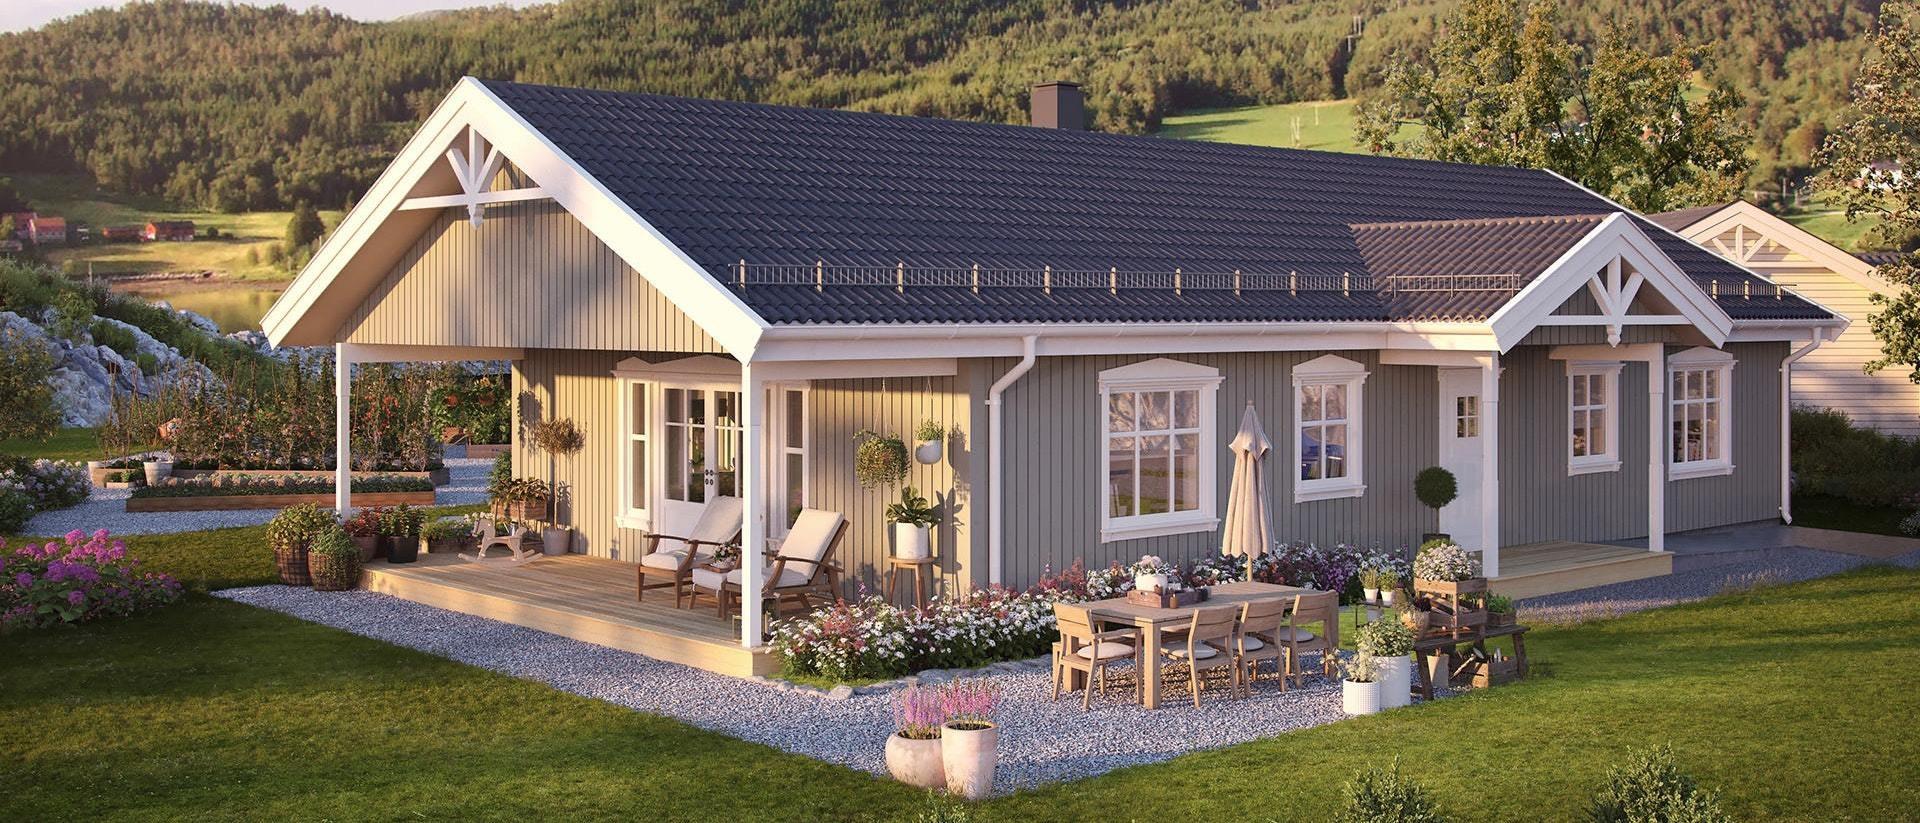 Lindås - Moderne enebolig på ett plan på Lindås med sjøutsikt og båtplass! Visning mandag 27. mai kl 18-19!